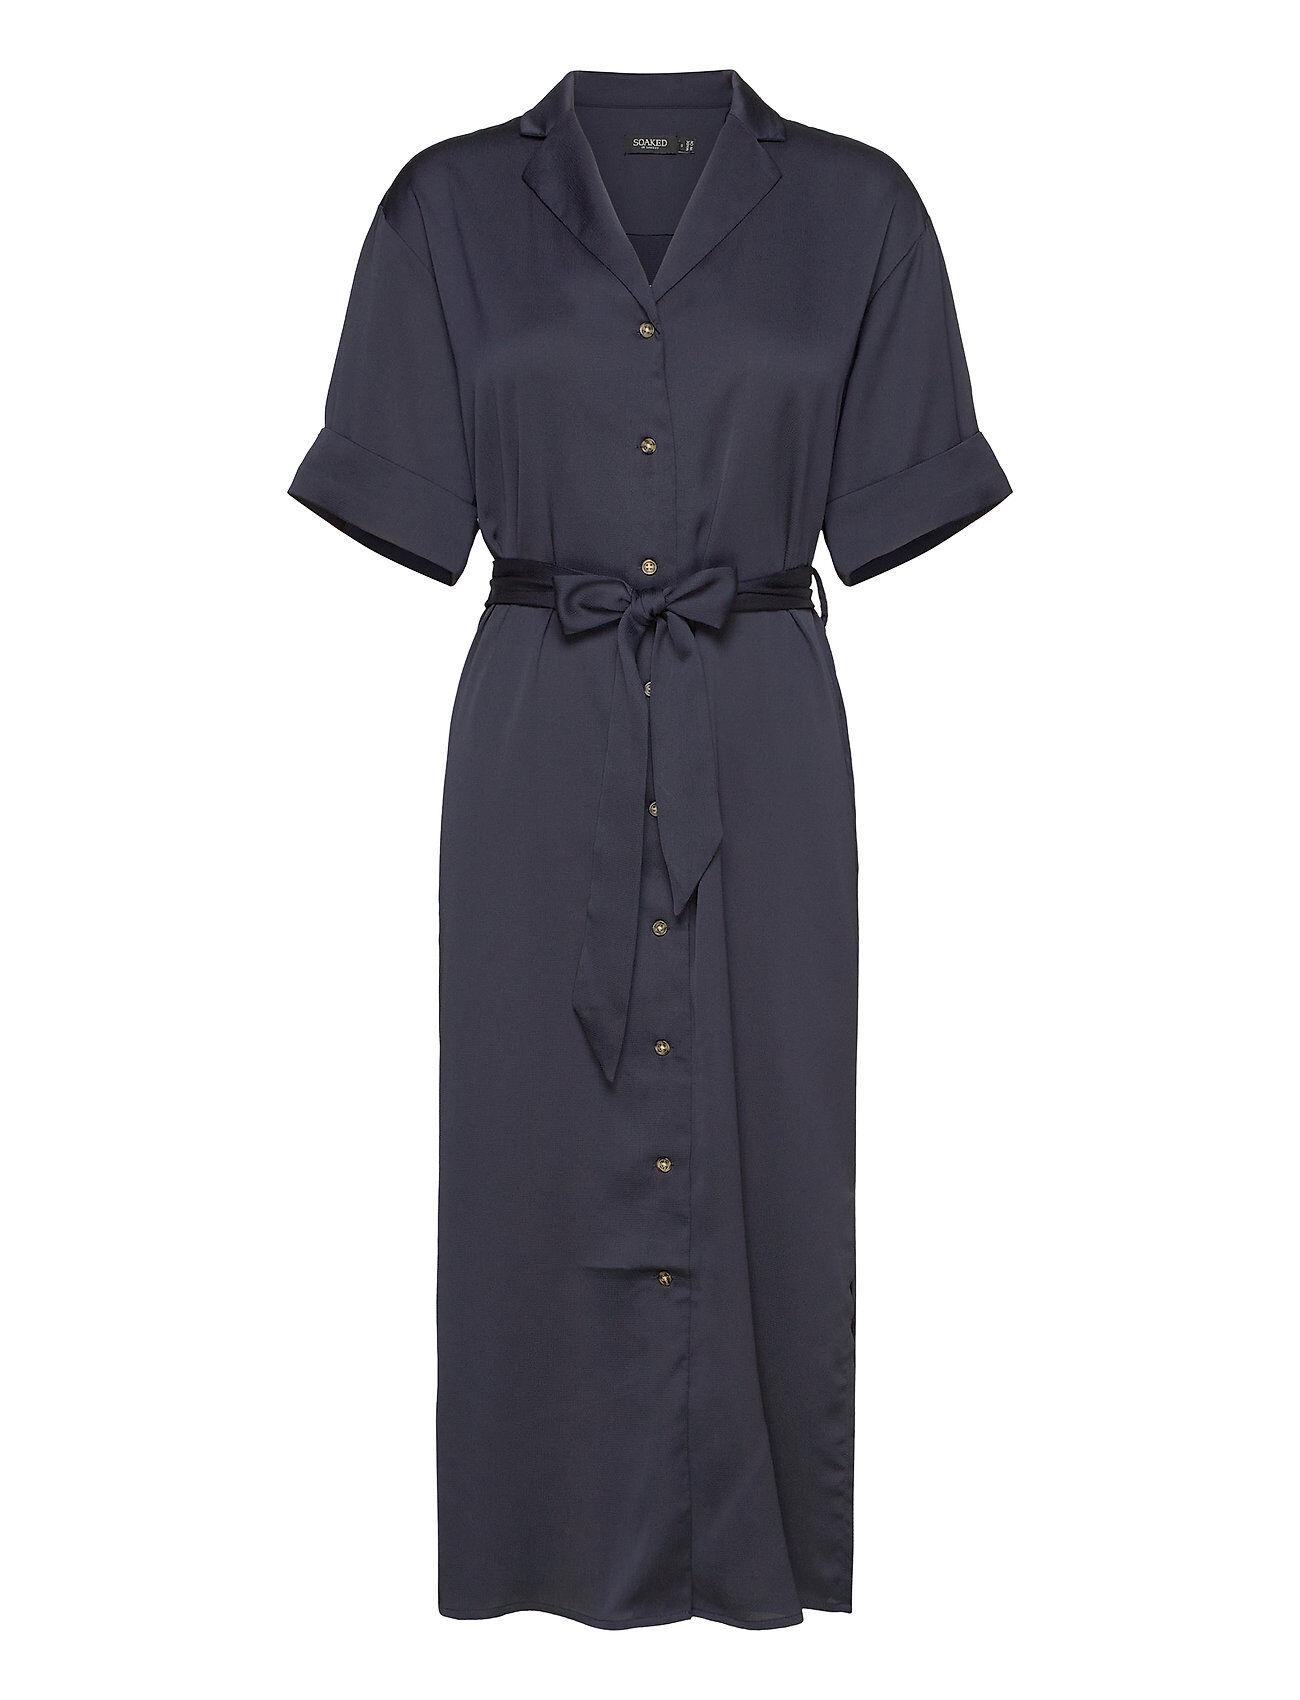 Soaked in Luxury Slveria Dress Ss Polvipituinen Mekko Sininen Soaked In Luxury